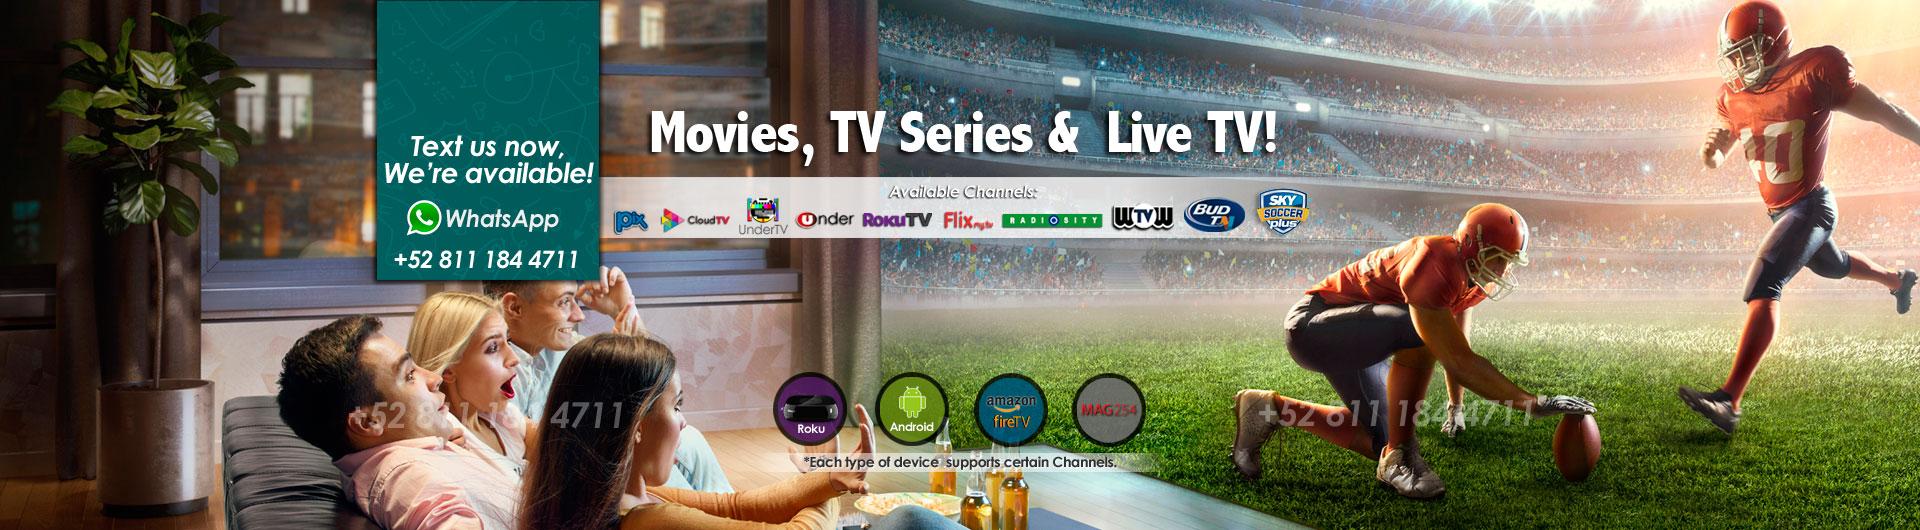 Logo Pix TV con Roku 3 y descripcion del servicio